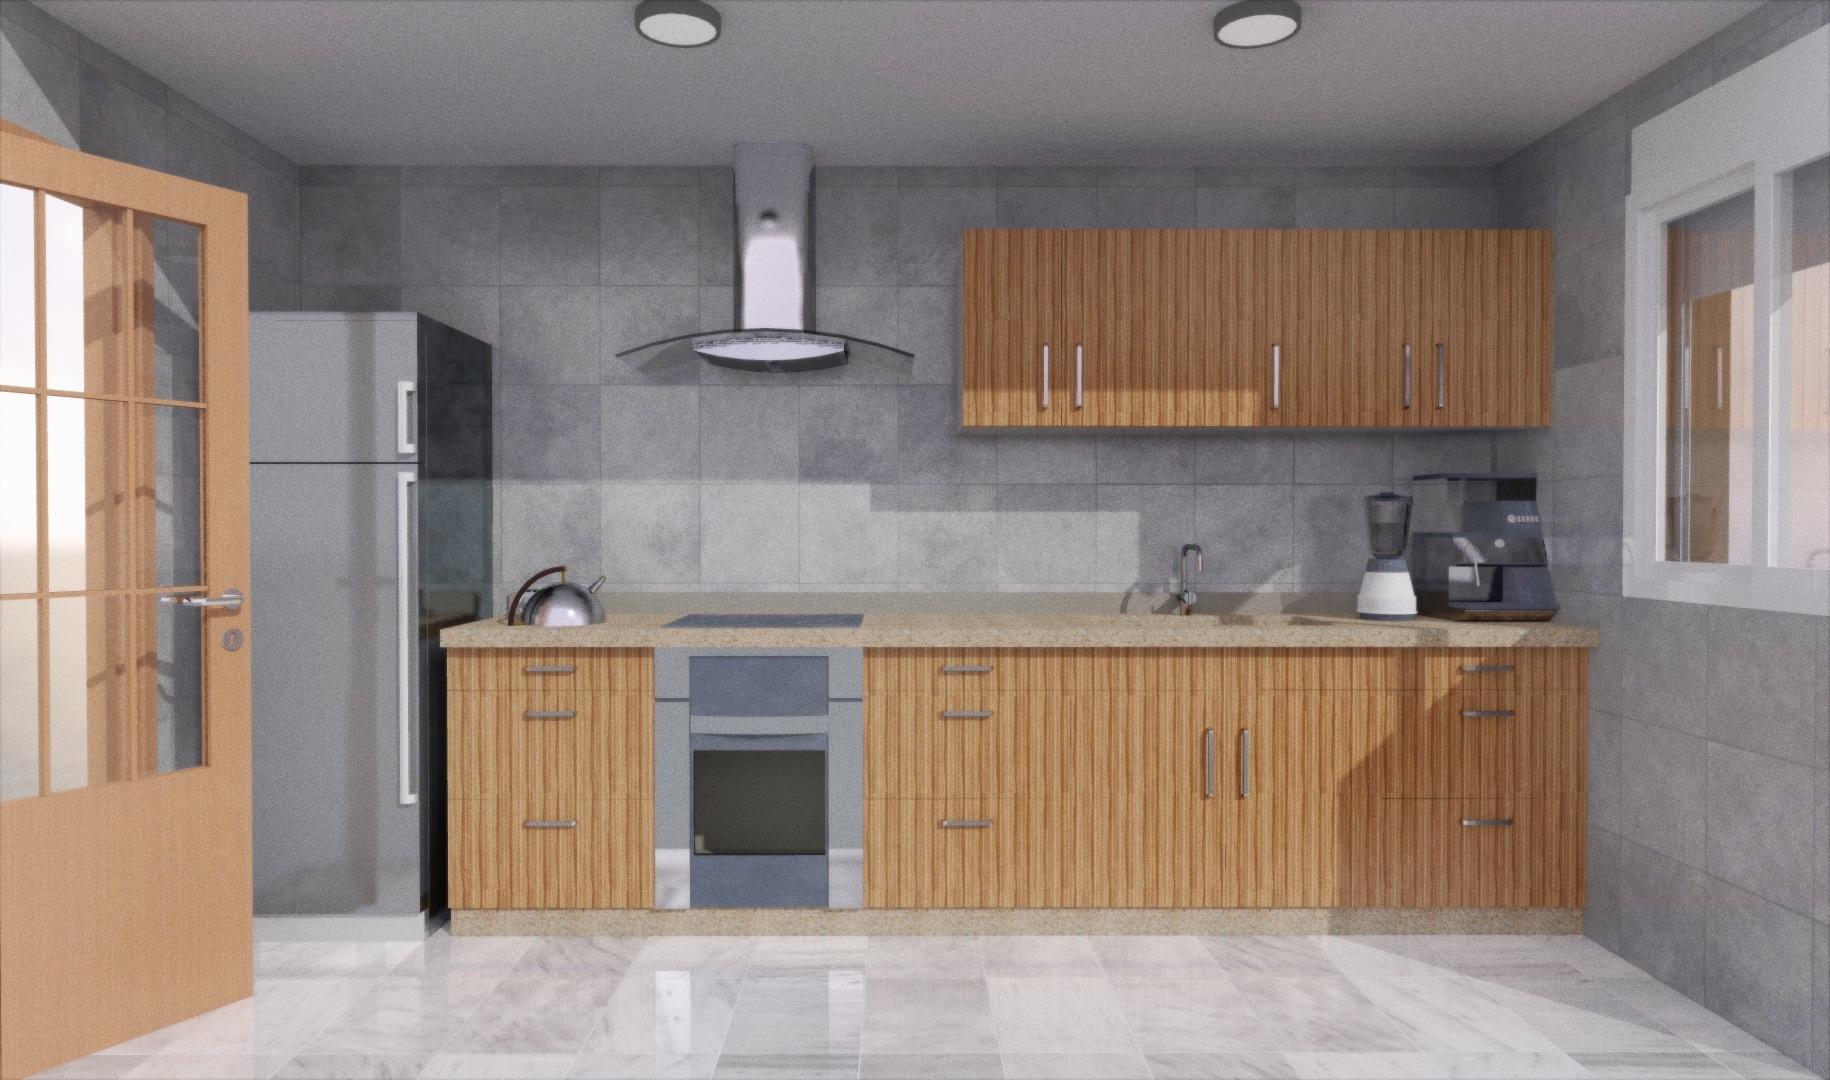 Garquitectos cuanto mide una cocina for Como hacer un cuadro de areas arquitectura